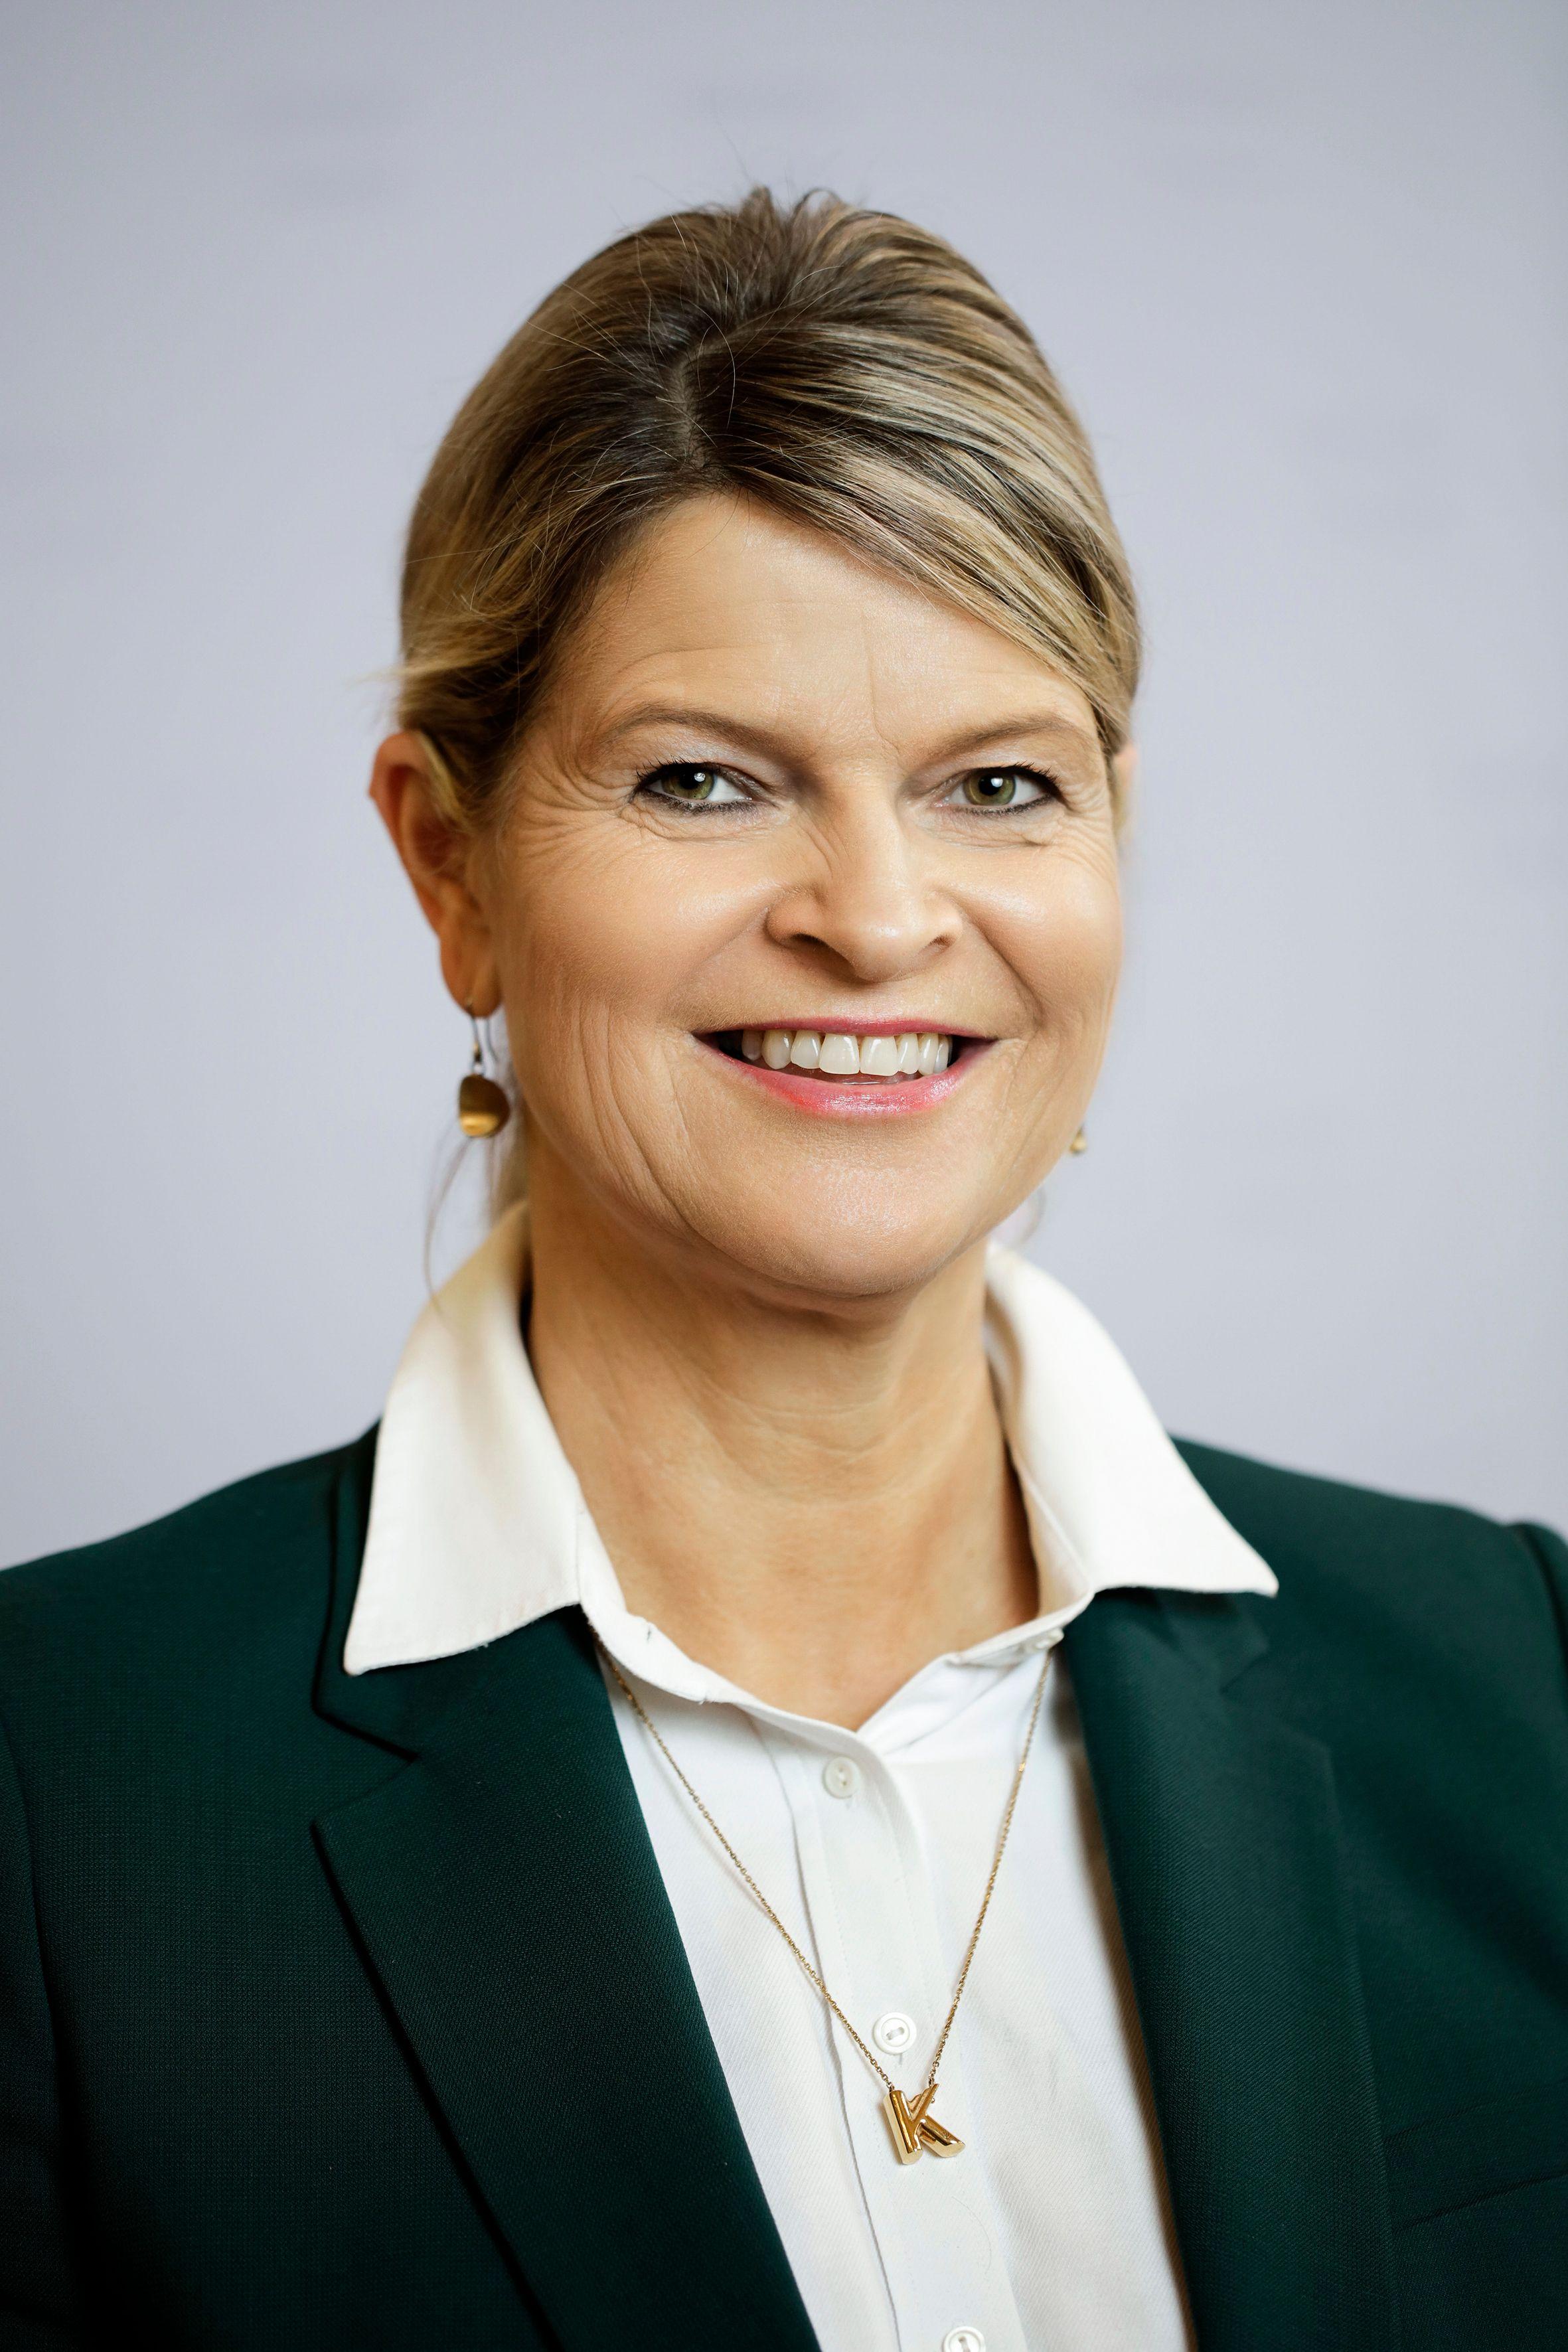 Klaudia Tanner, Bundesministerin für Landesverteidigung